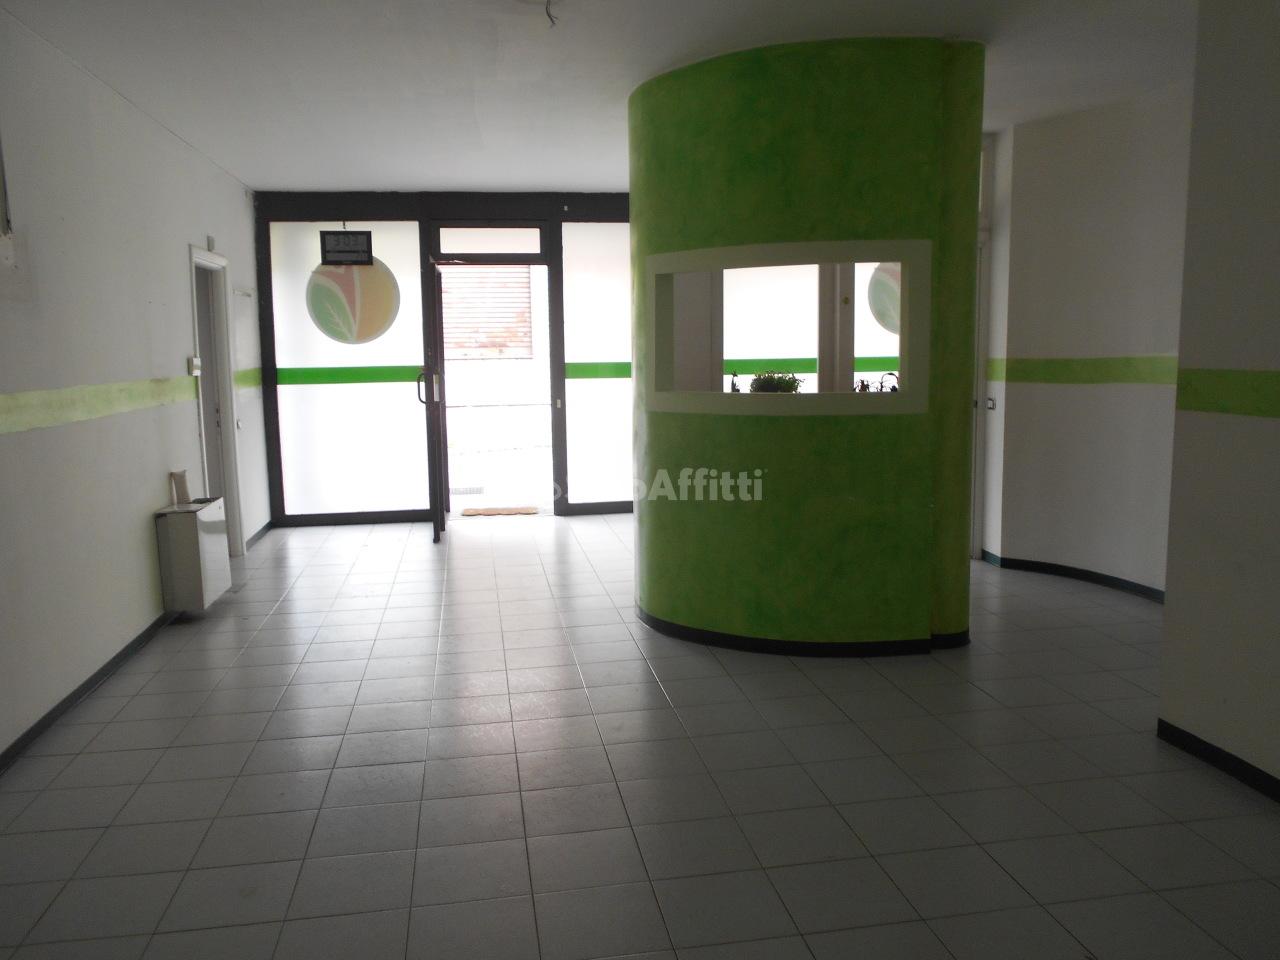 Fondo/negozio - 3 vetrine/luci a Cantù Rif. 5745336